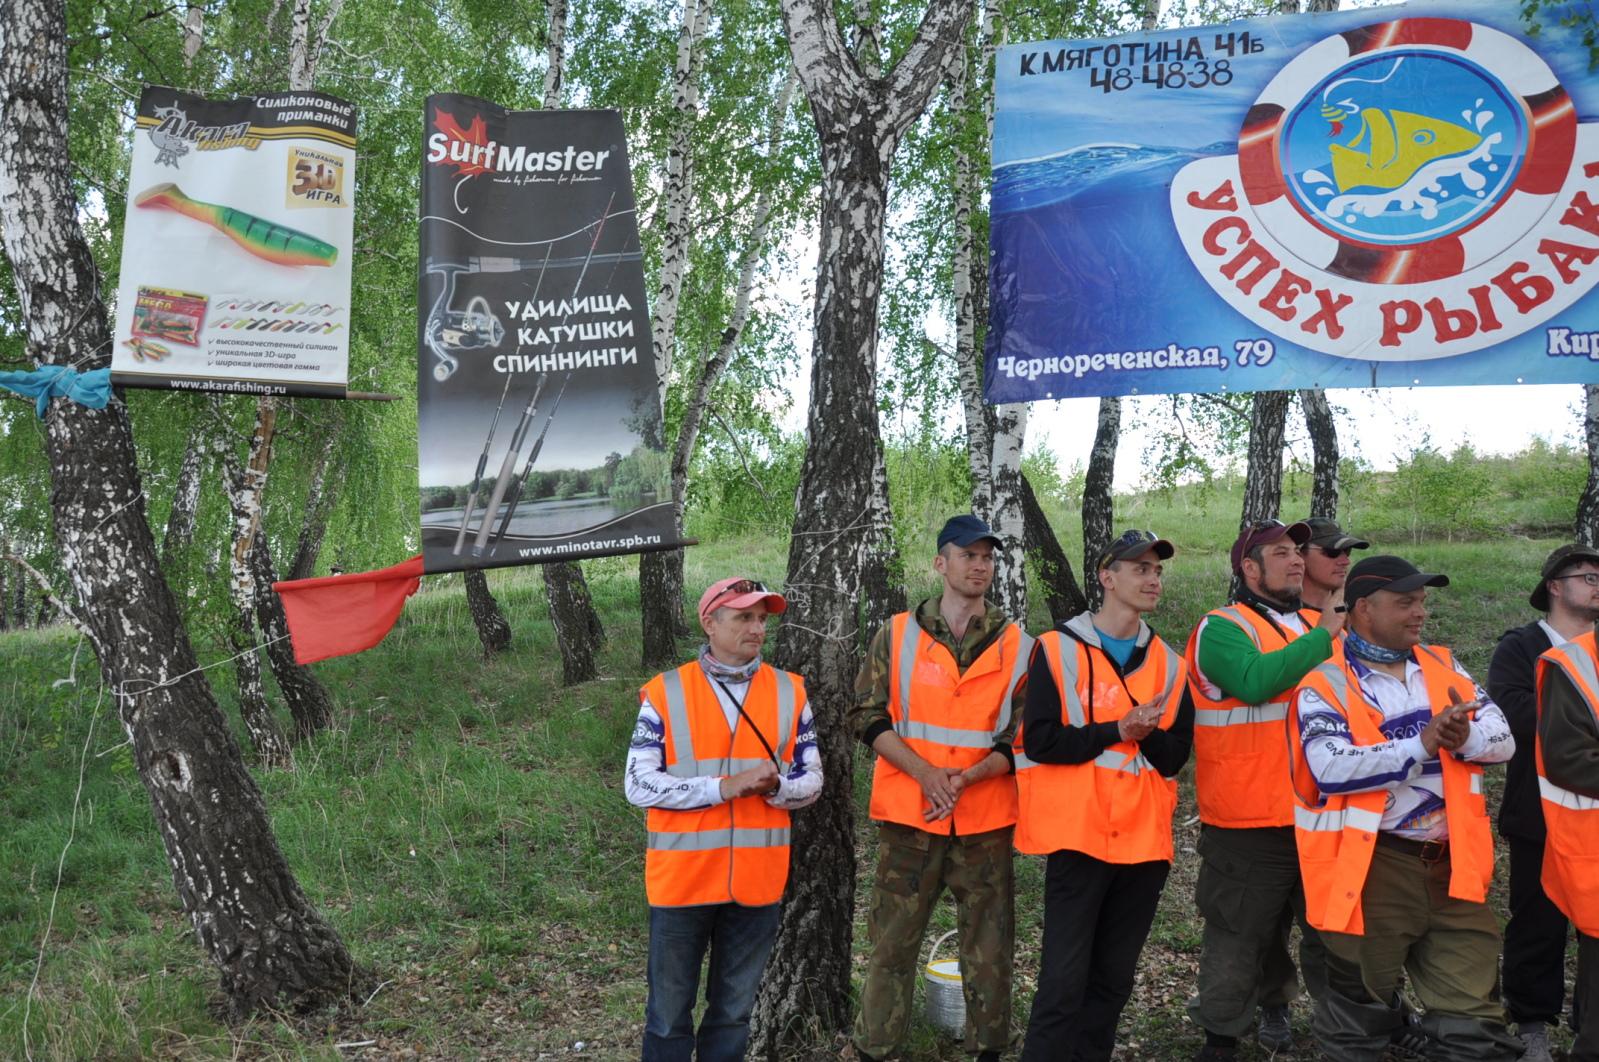 Кубок Курганской области по ловле спиннингом с берега - Страница 3 2f0dn2s